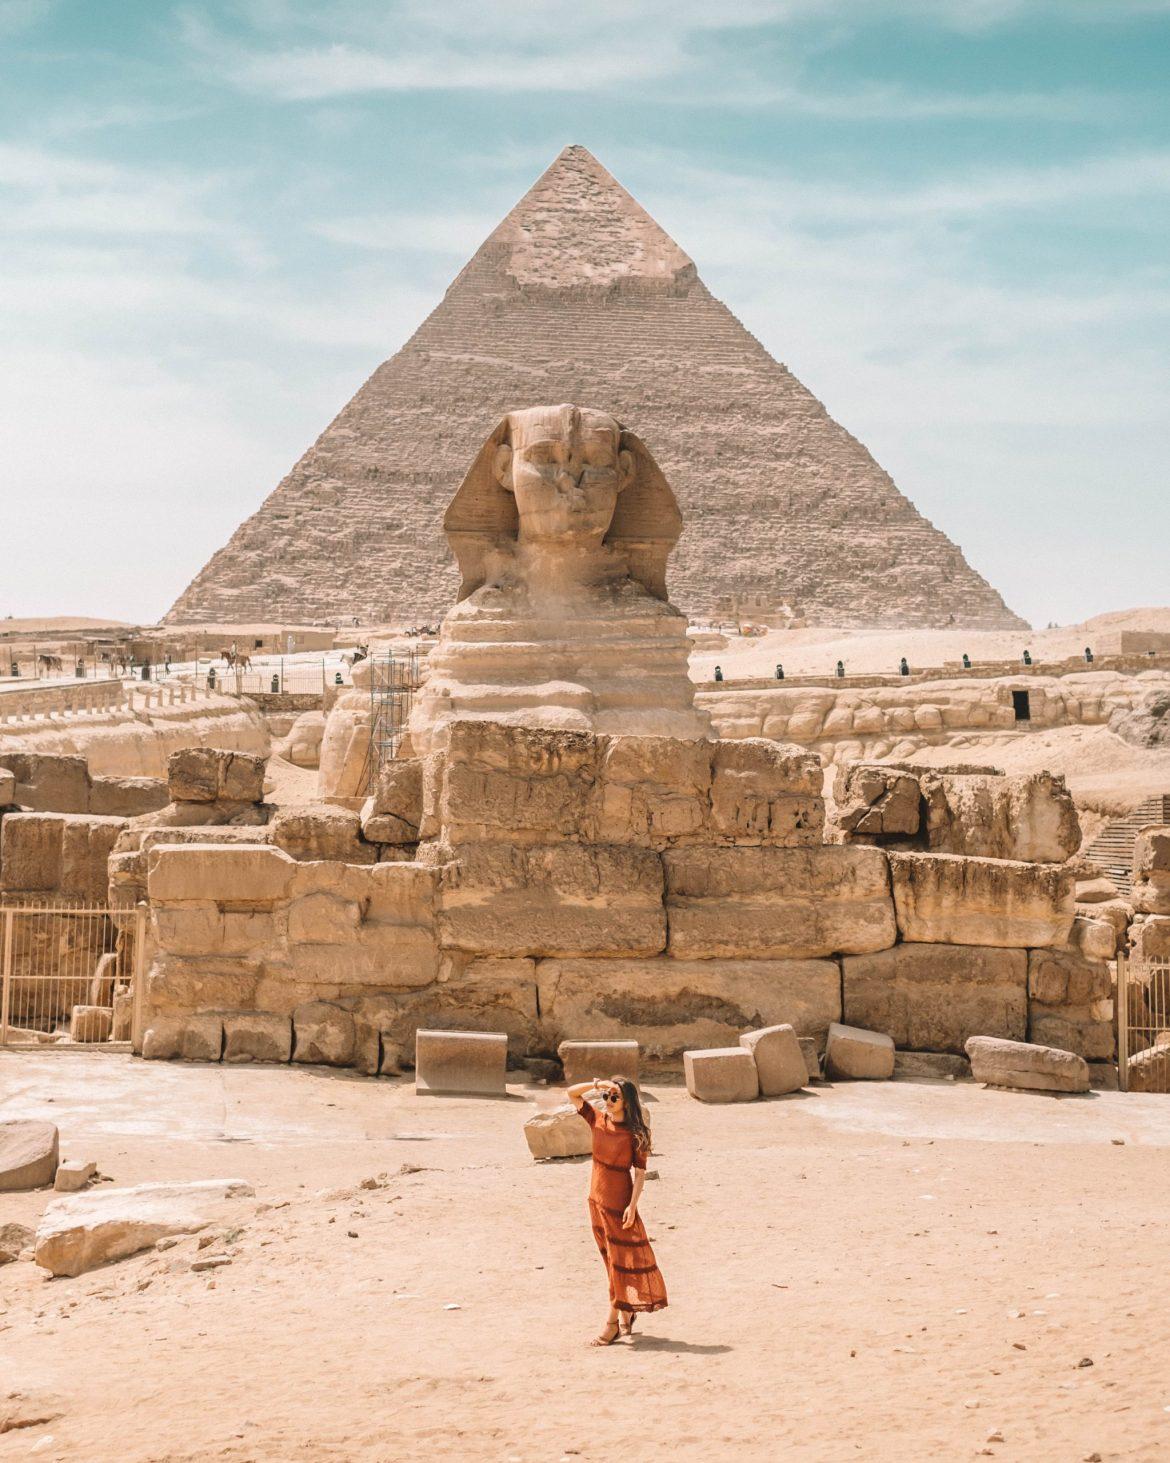 cindyycheeks at the Great Pyramids of Giza